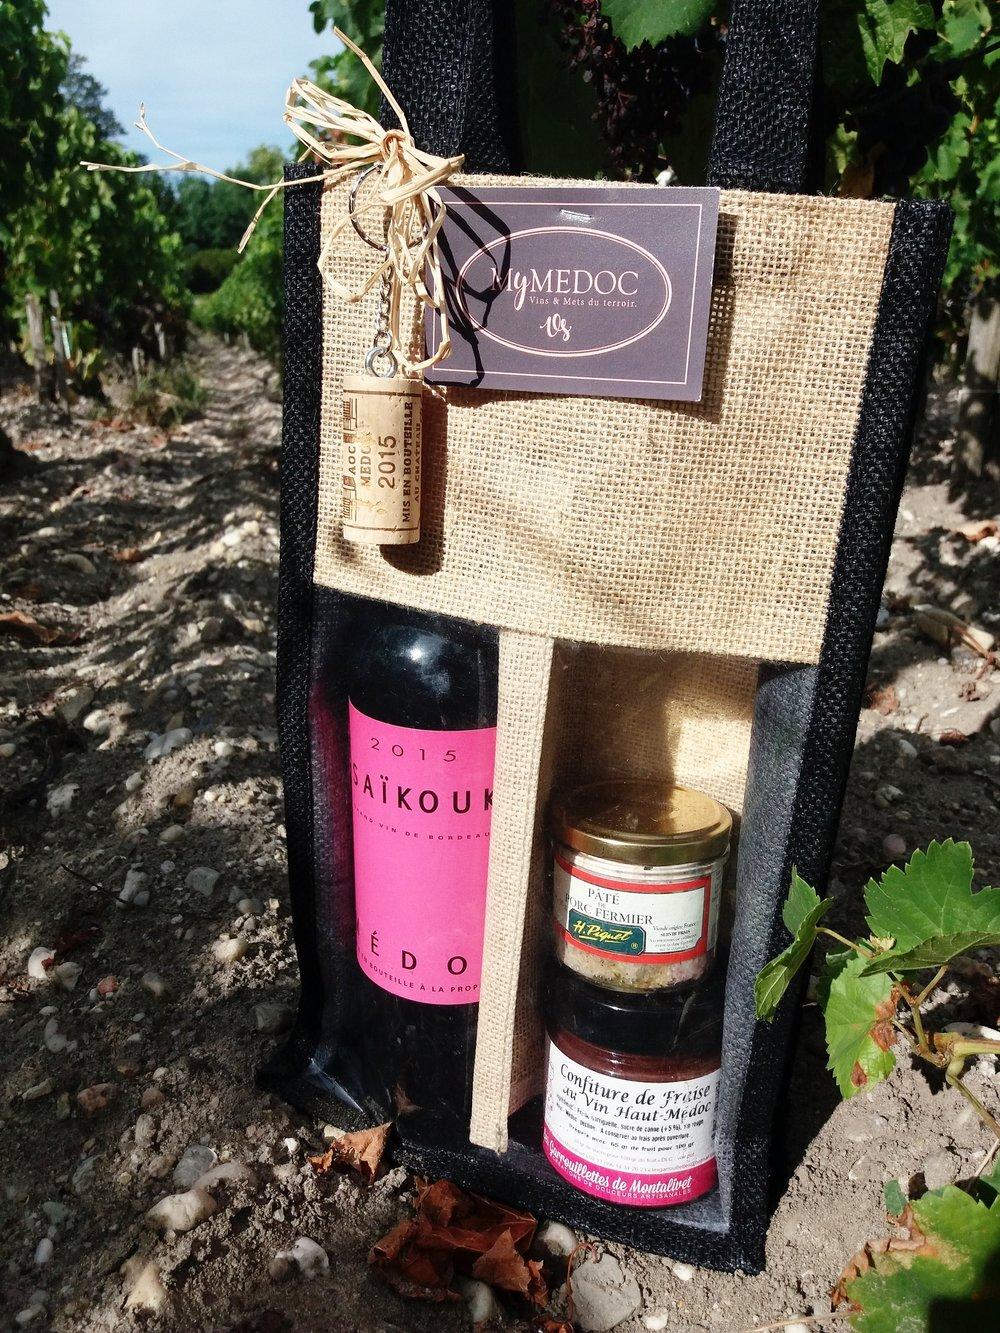 """panier « PicNic rouge» - Ce panier est composé d'une bouteille de vin rouge du Château Saikouk, d'un pâté de porc fermier et d'une confiture de fraise au vin """"Haut-Médoc"""".Tarif : 28,90 €* Frais de livraison en supplément.* pour les professionnels et CE, nous contacter."""